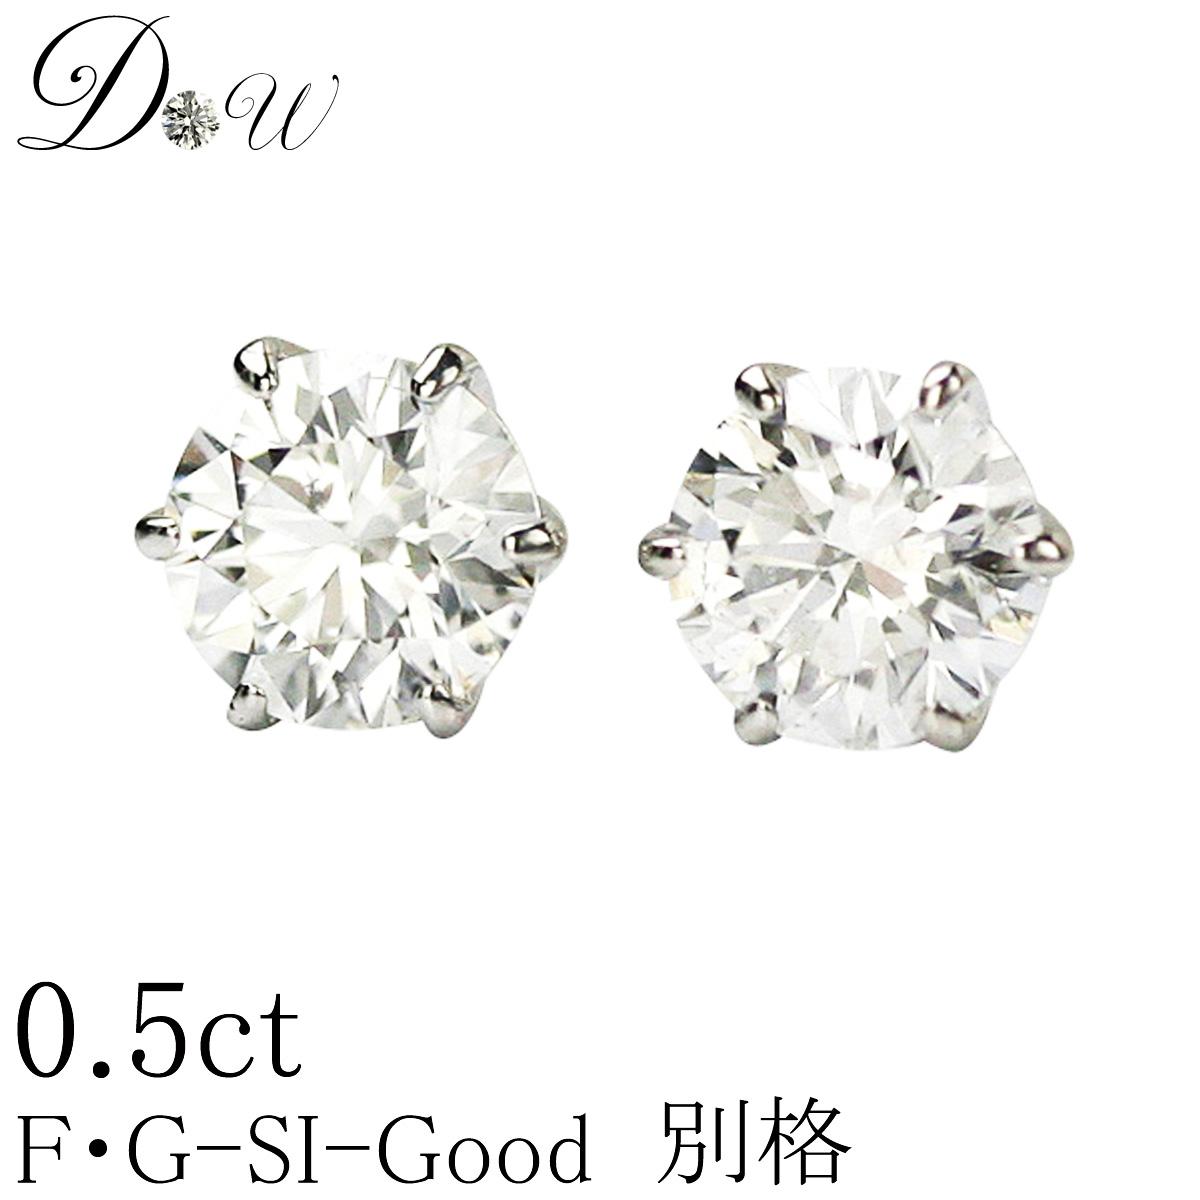 別格のダイヤ ピアス 0.5ct 無色透明 カラーレス F・Gカラー SIクラス Goodカットダイヤモンド 使用【即日発送可】